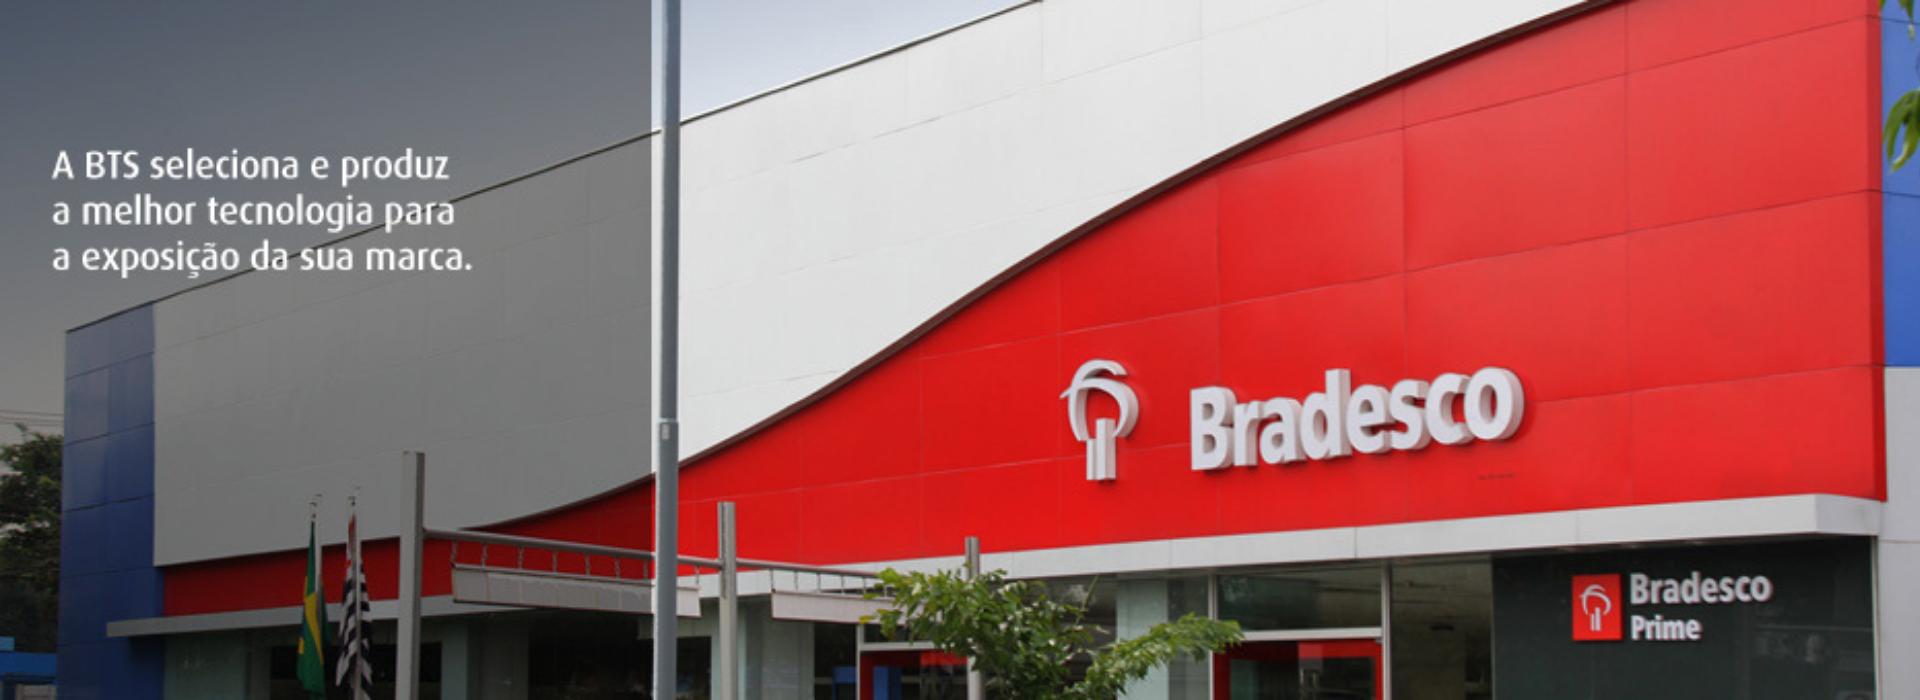 Banner Bradesco